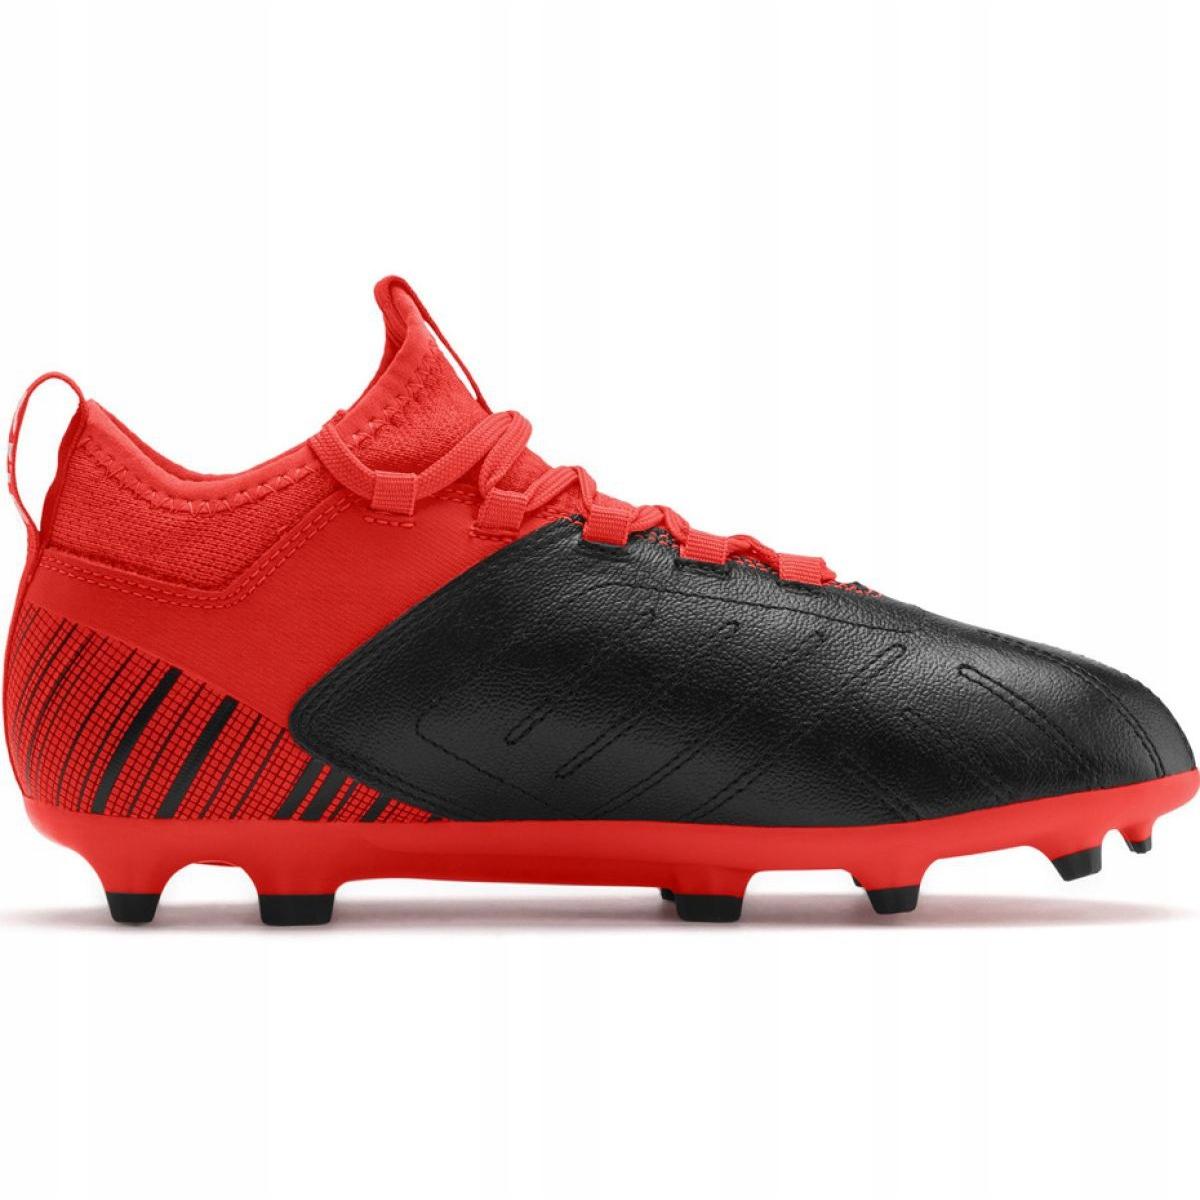 Dettagli su Scarpe da calcio Puma One 5.3 Fg Ag JR105657 01 rosso nero nero, rosso